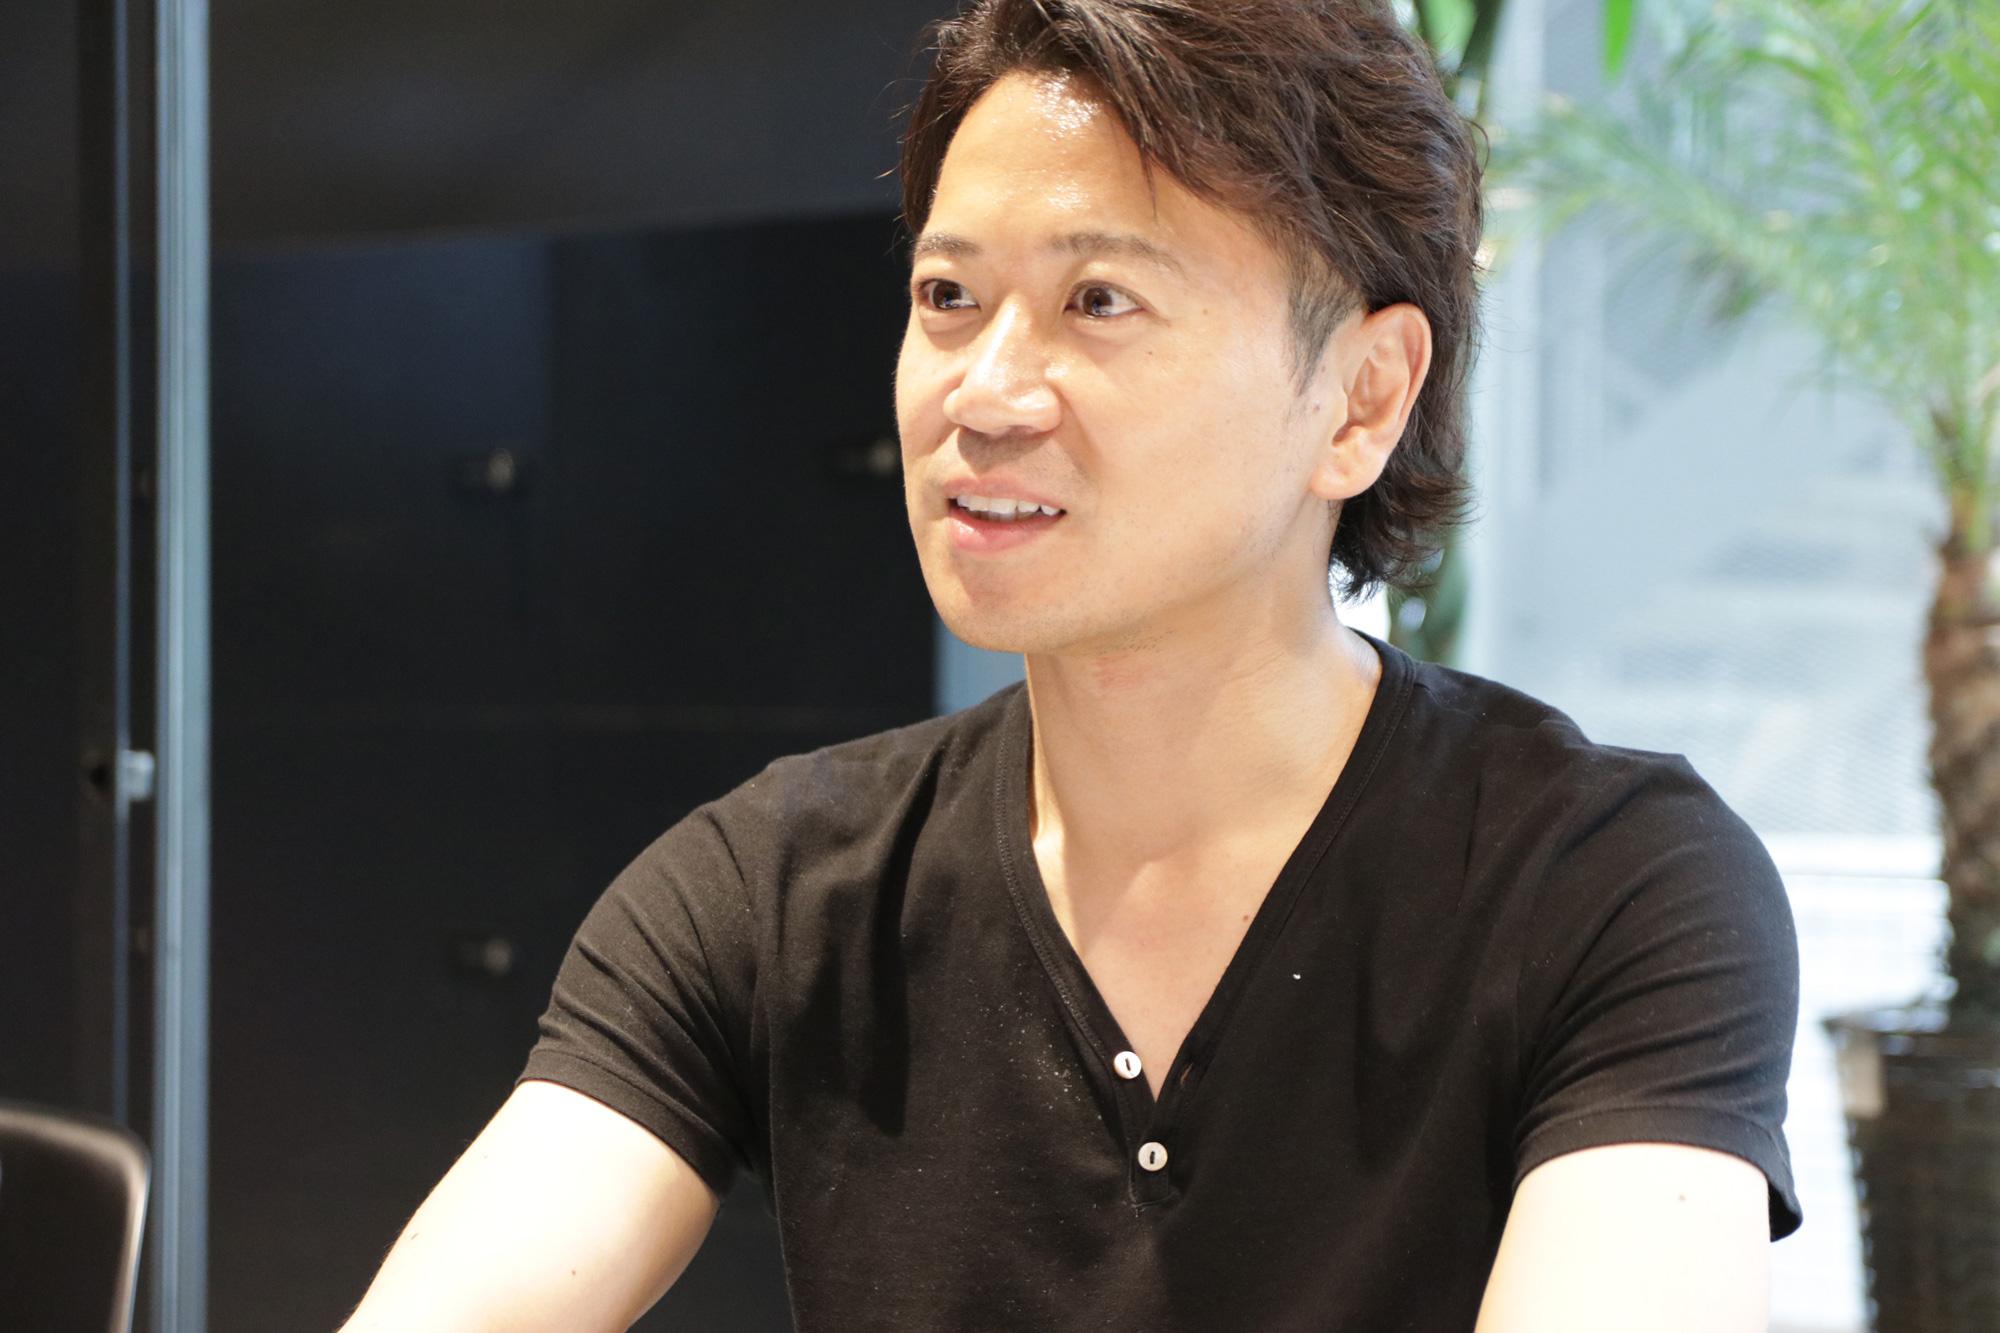 トゥモローゲート株式会社 西崎 康平さんさん